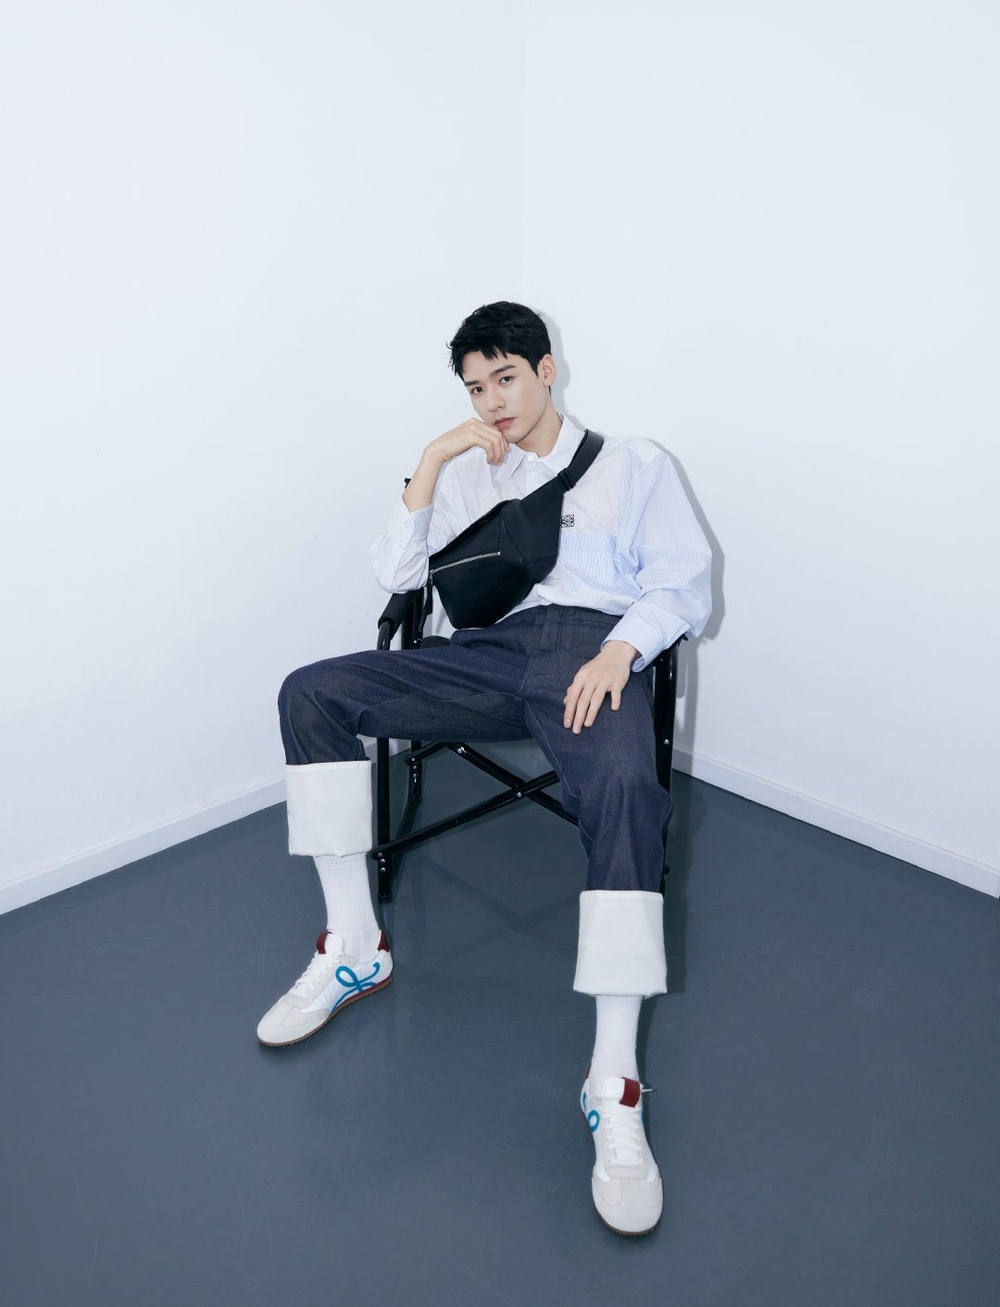 Cung Tuấn nhường suất diễn của mình cho nghệ sĩ khác Ảnh 7